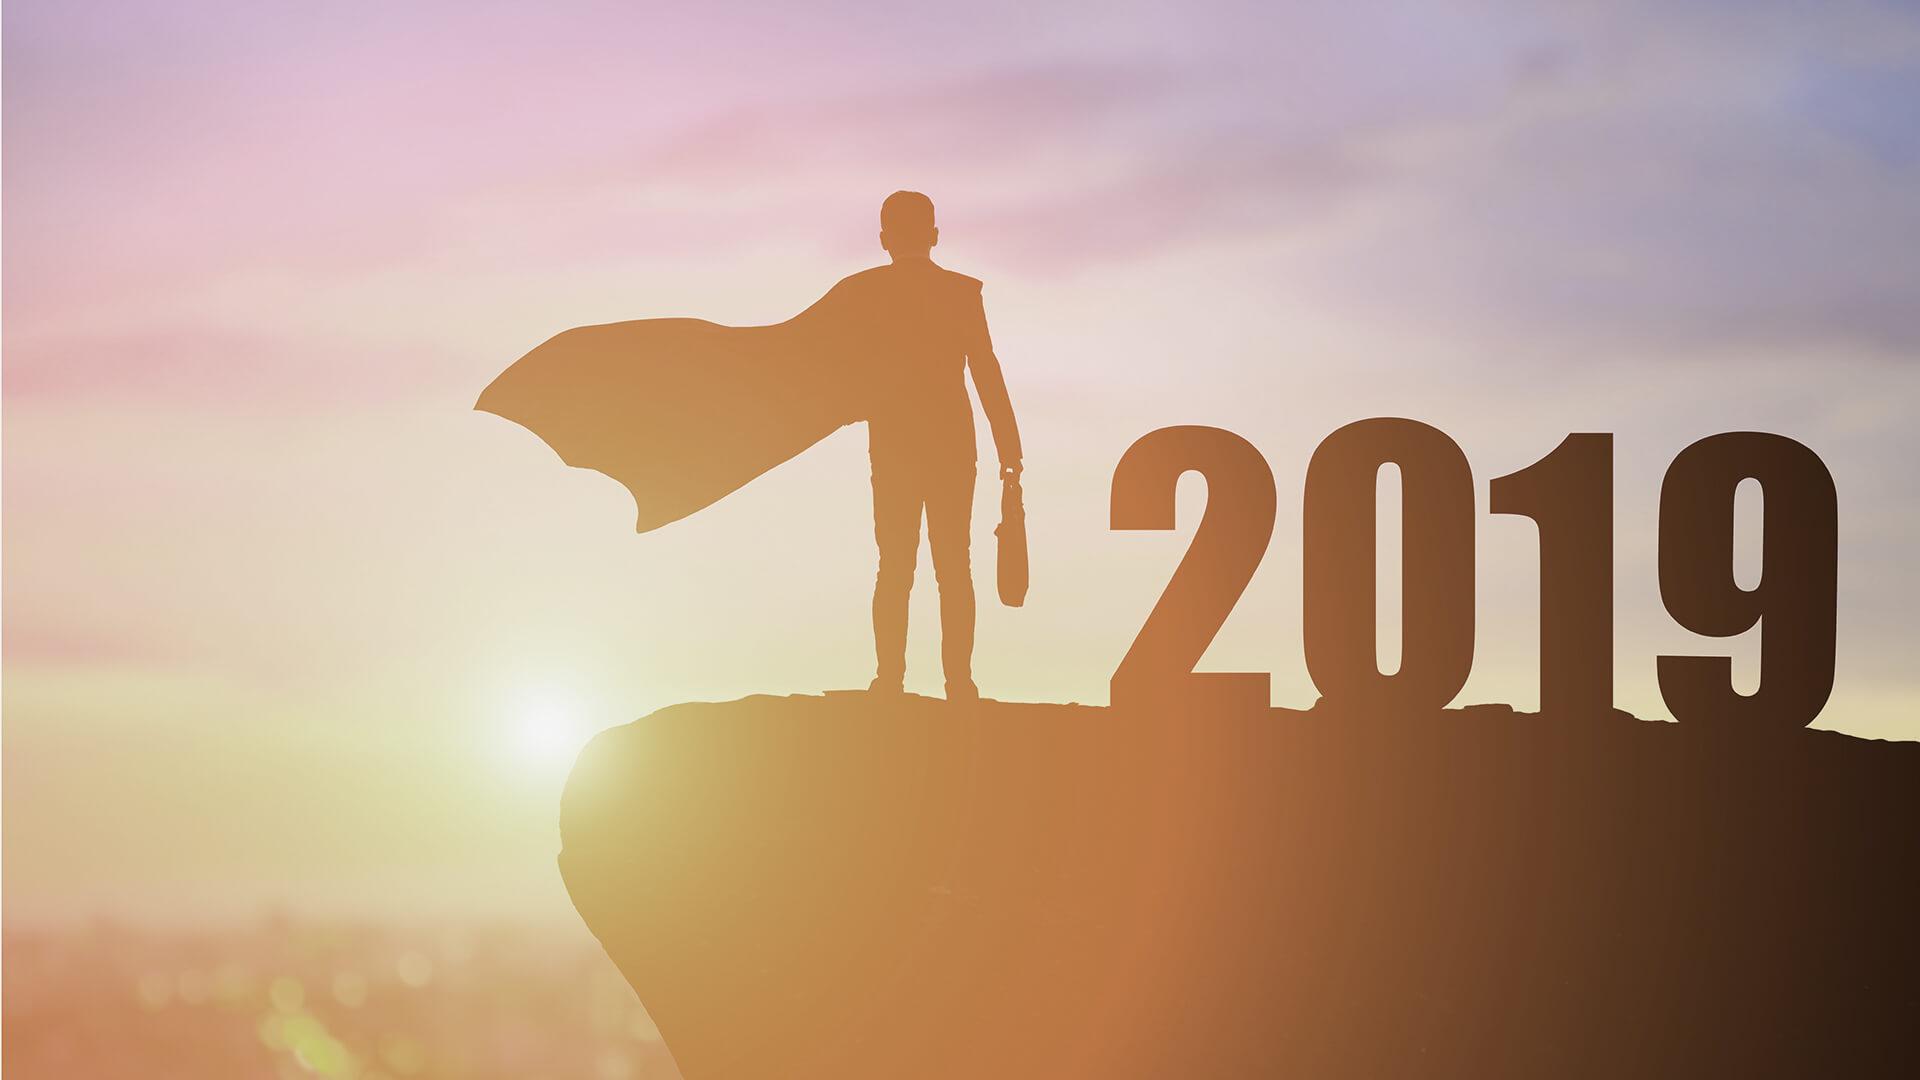 Consejo profesional: una mirada retrospectiva a algunos consejos notables de nuestra comunidad de búsqueda de pago en 2019